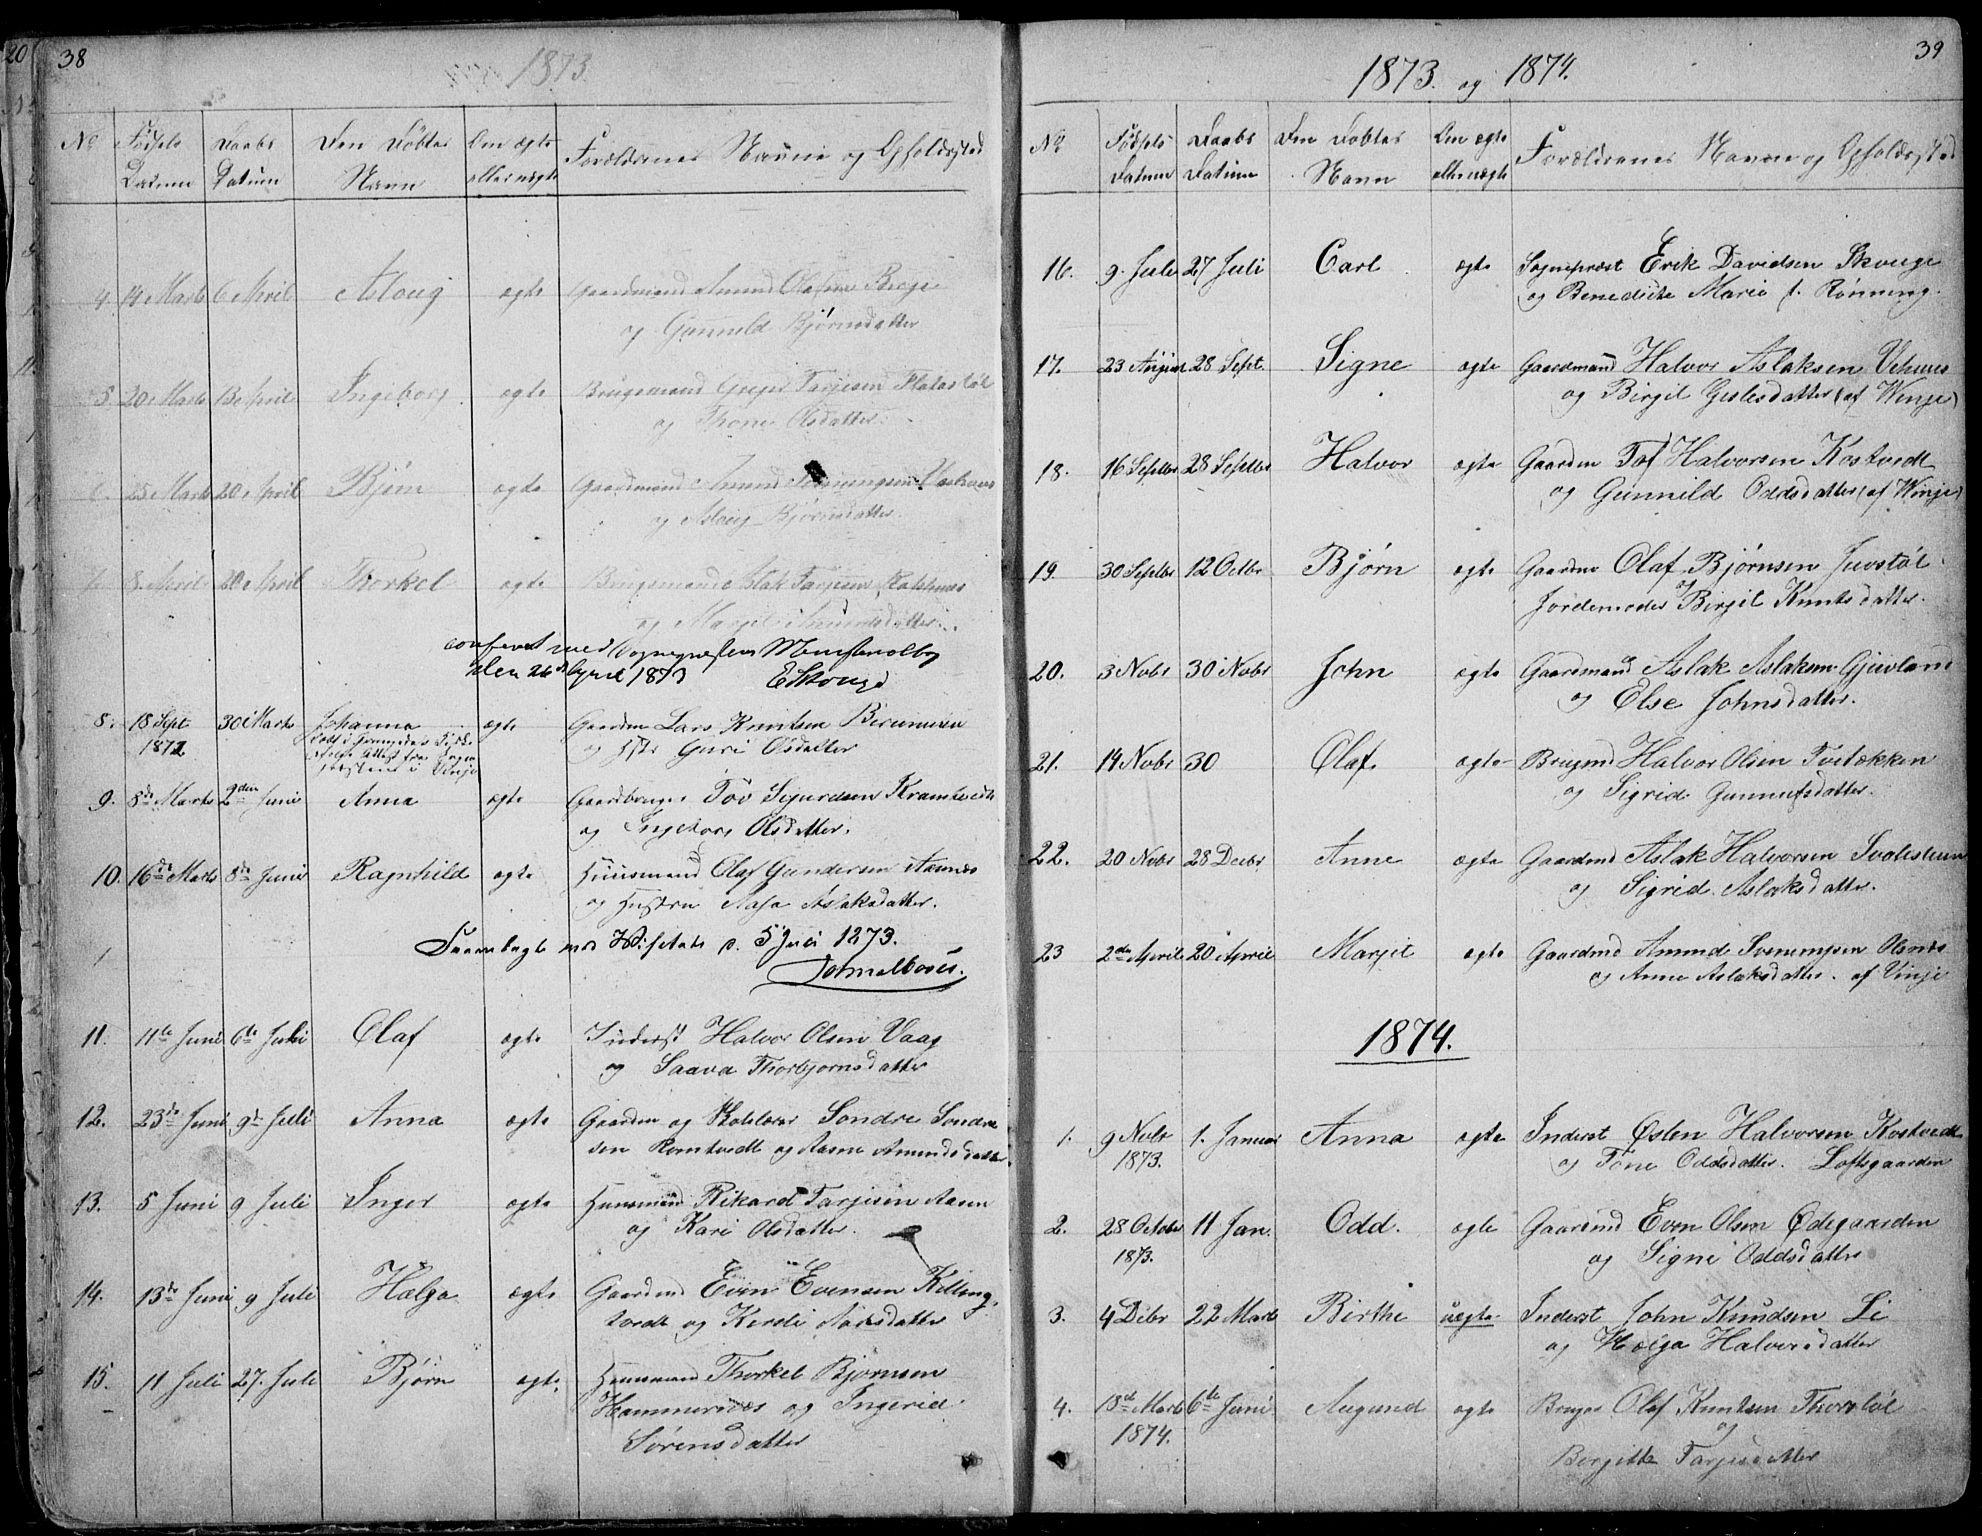 SAKO, Rauland kirkebøker, G/Ga/L0002: Klokkerbok nr. I 2, 1849-1935, s. 38-39